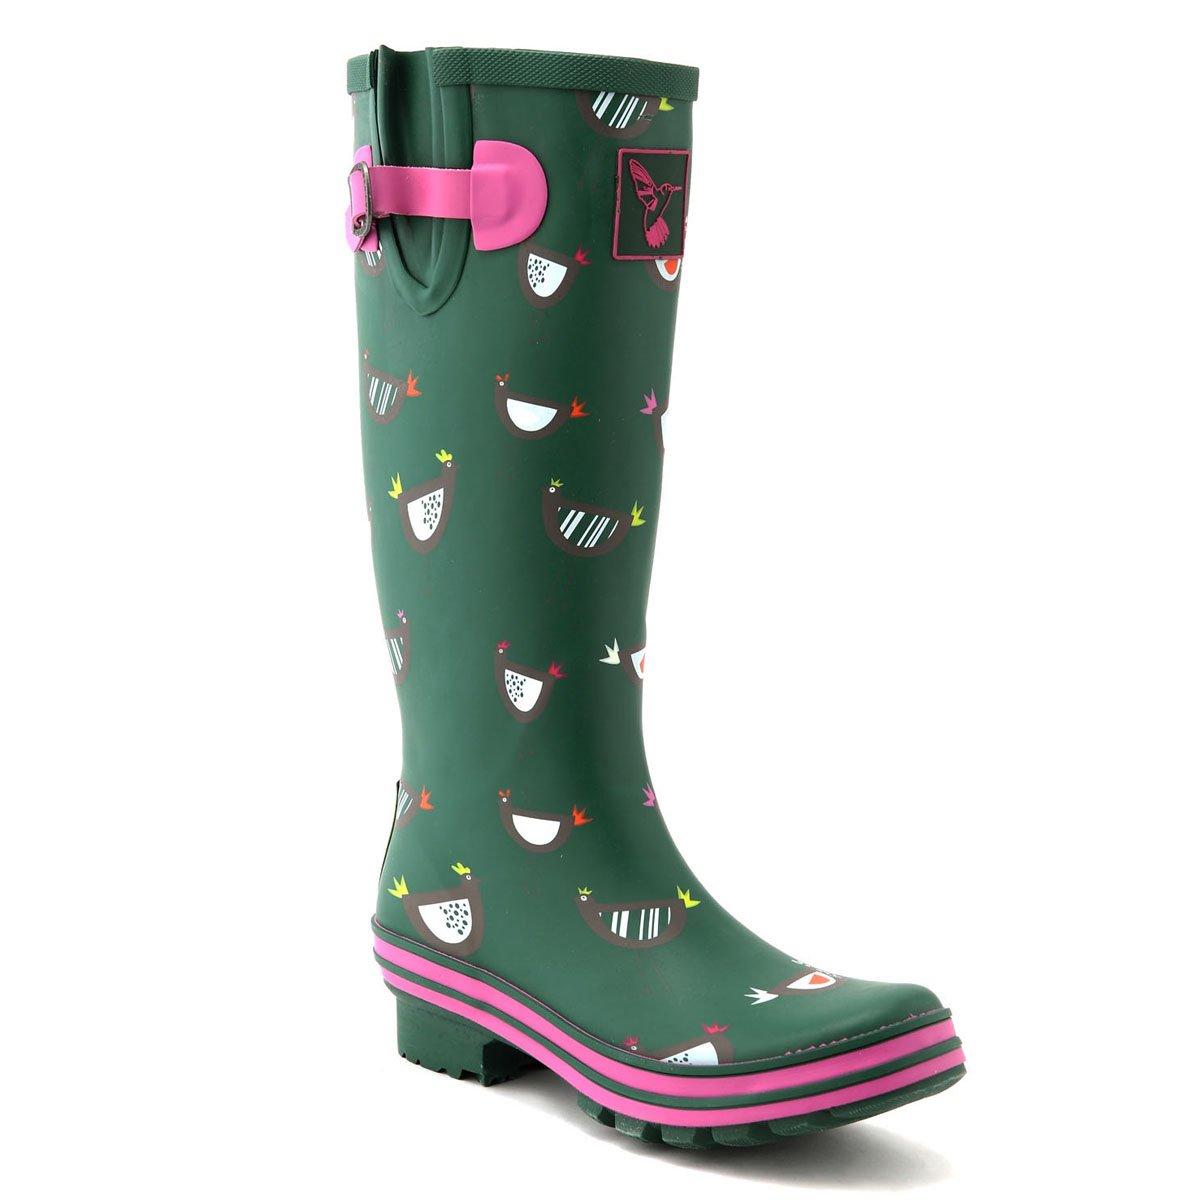 Evercreatures Women's Rain Boots UK Brand Original Tall Rain Boot Gumboots Wellies B07CZMS26R 10 B(M) US / UK8 / EU41|Green